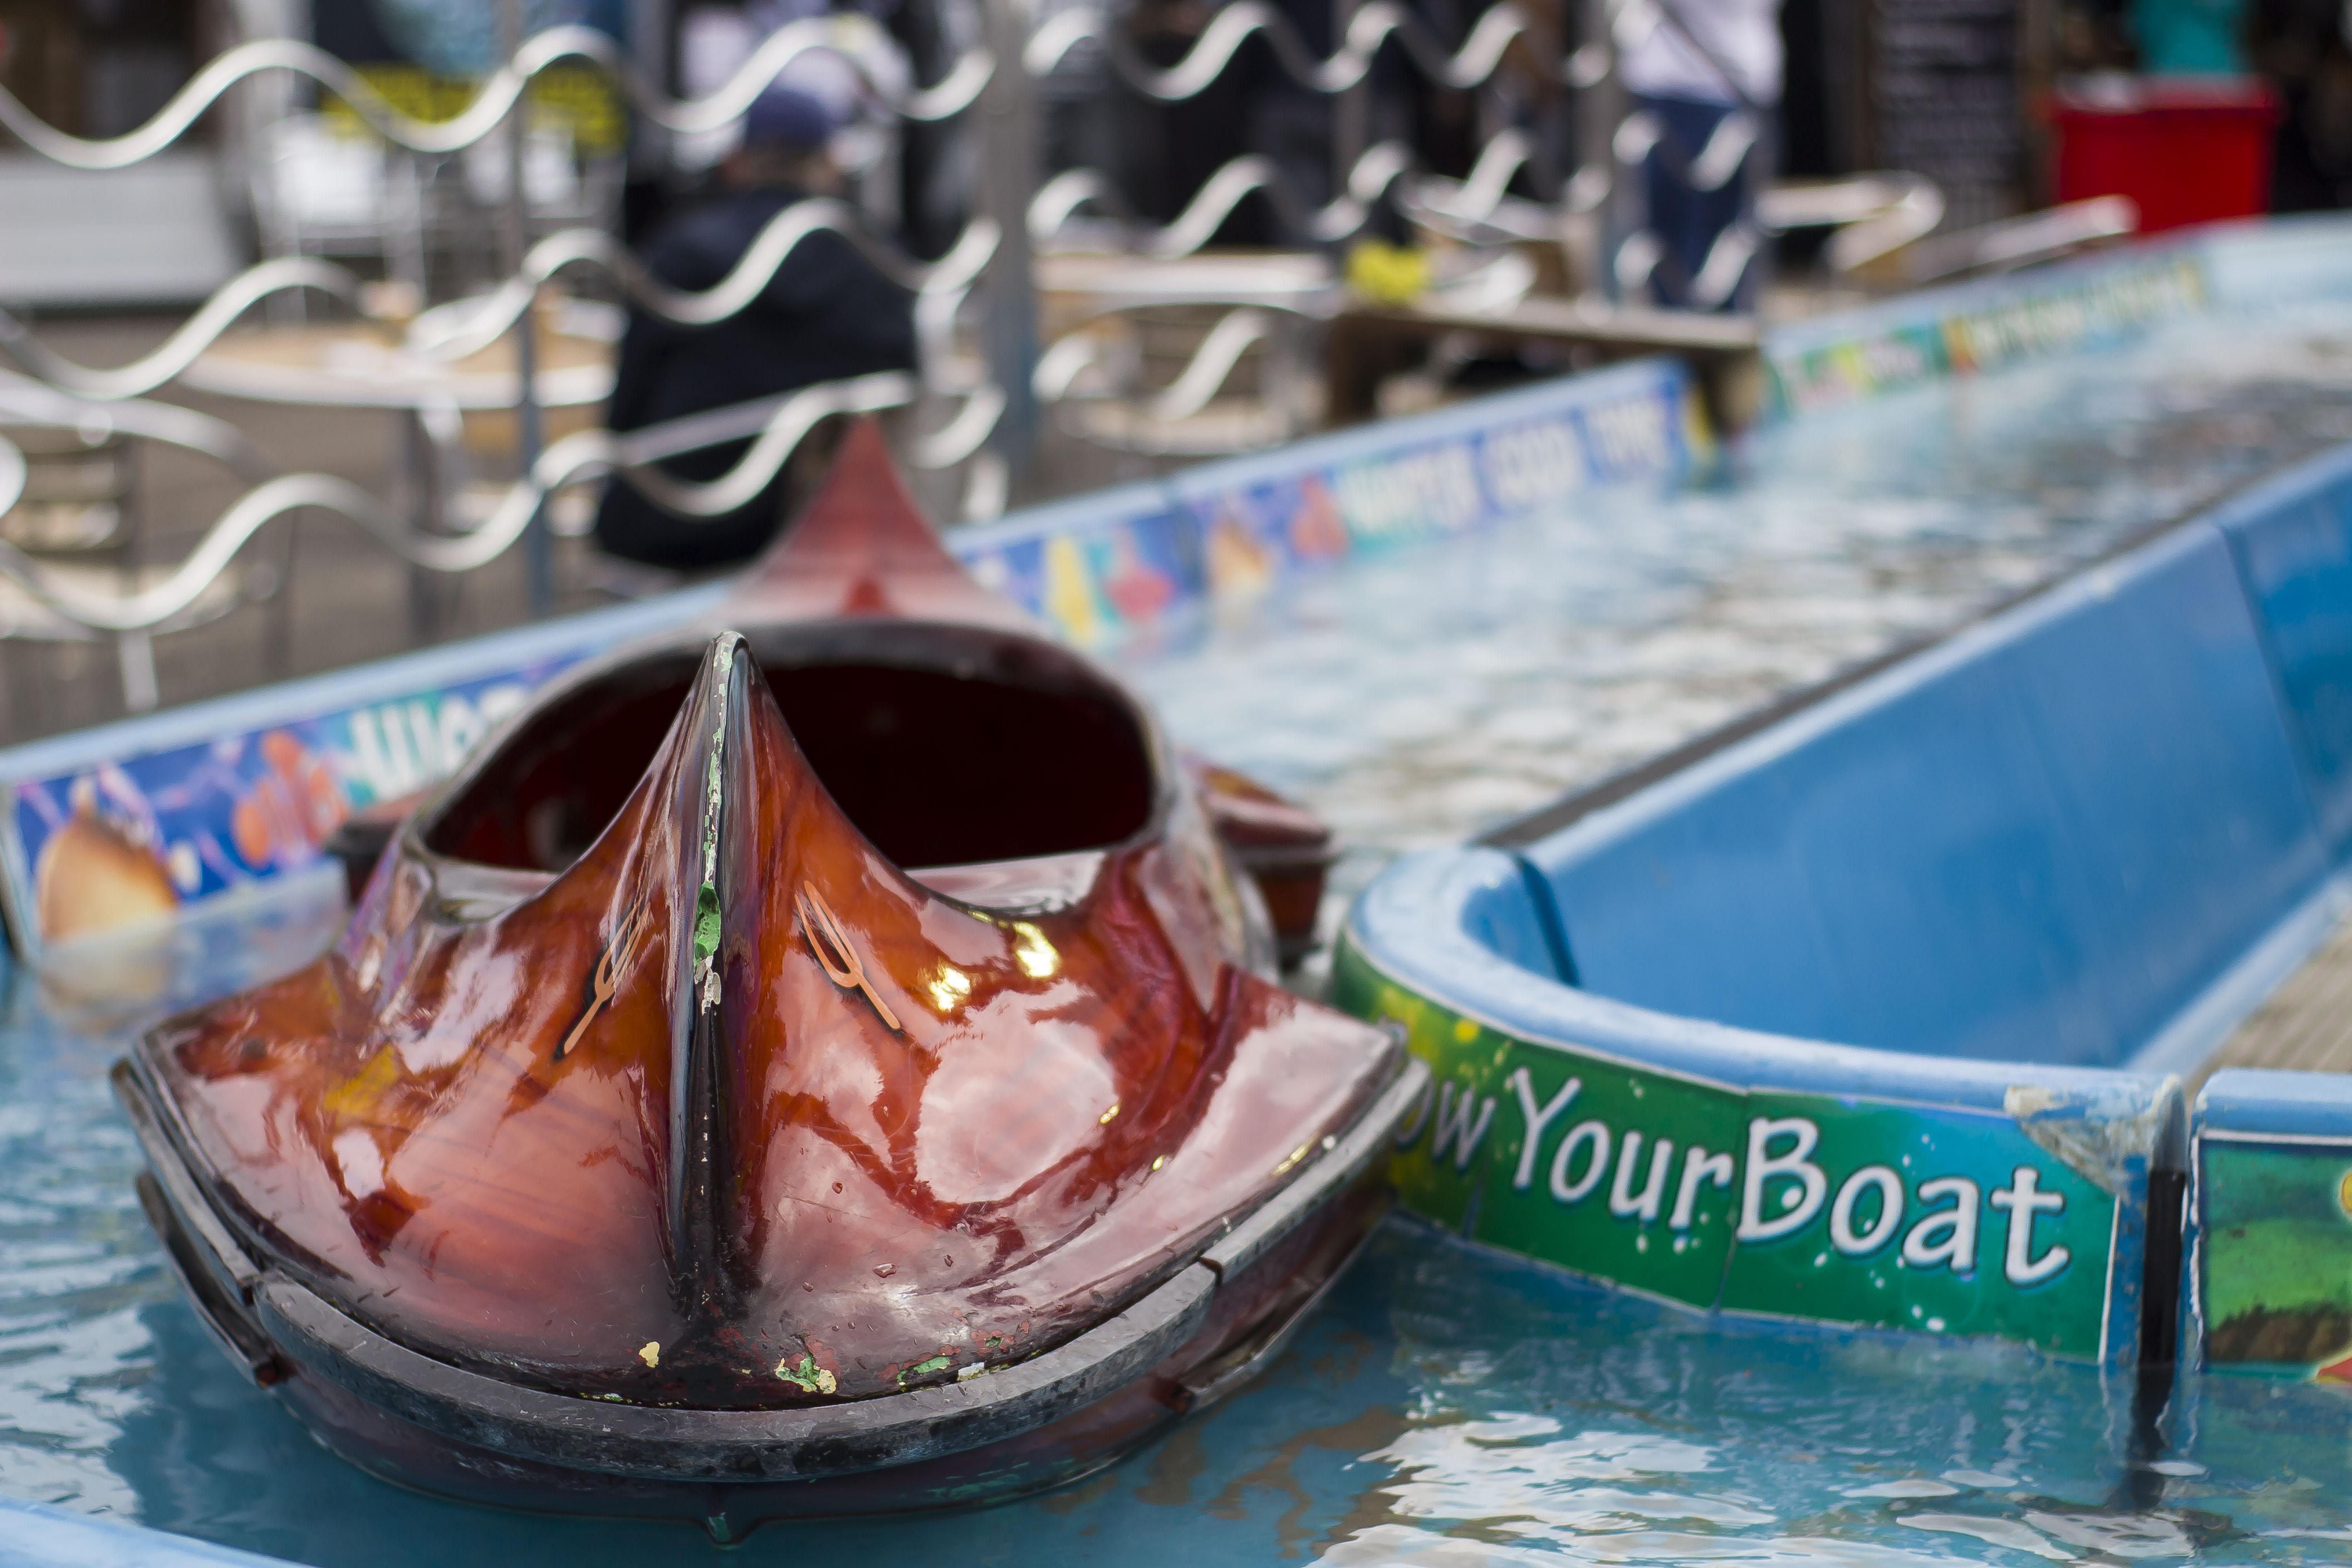 kid rides at Southampton Boat Show 2017